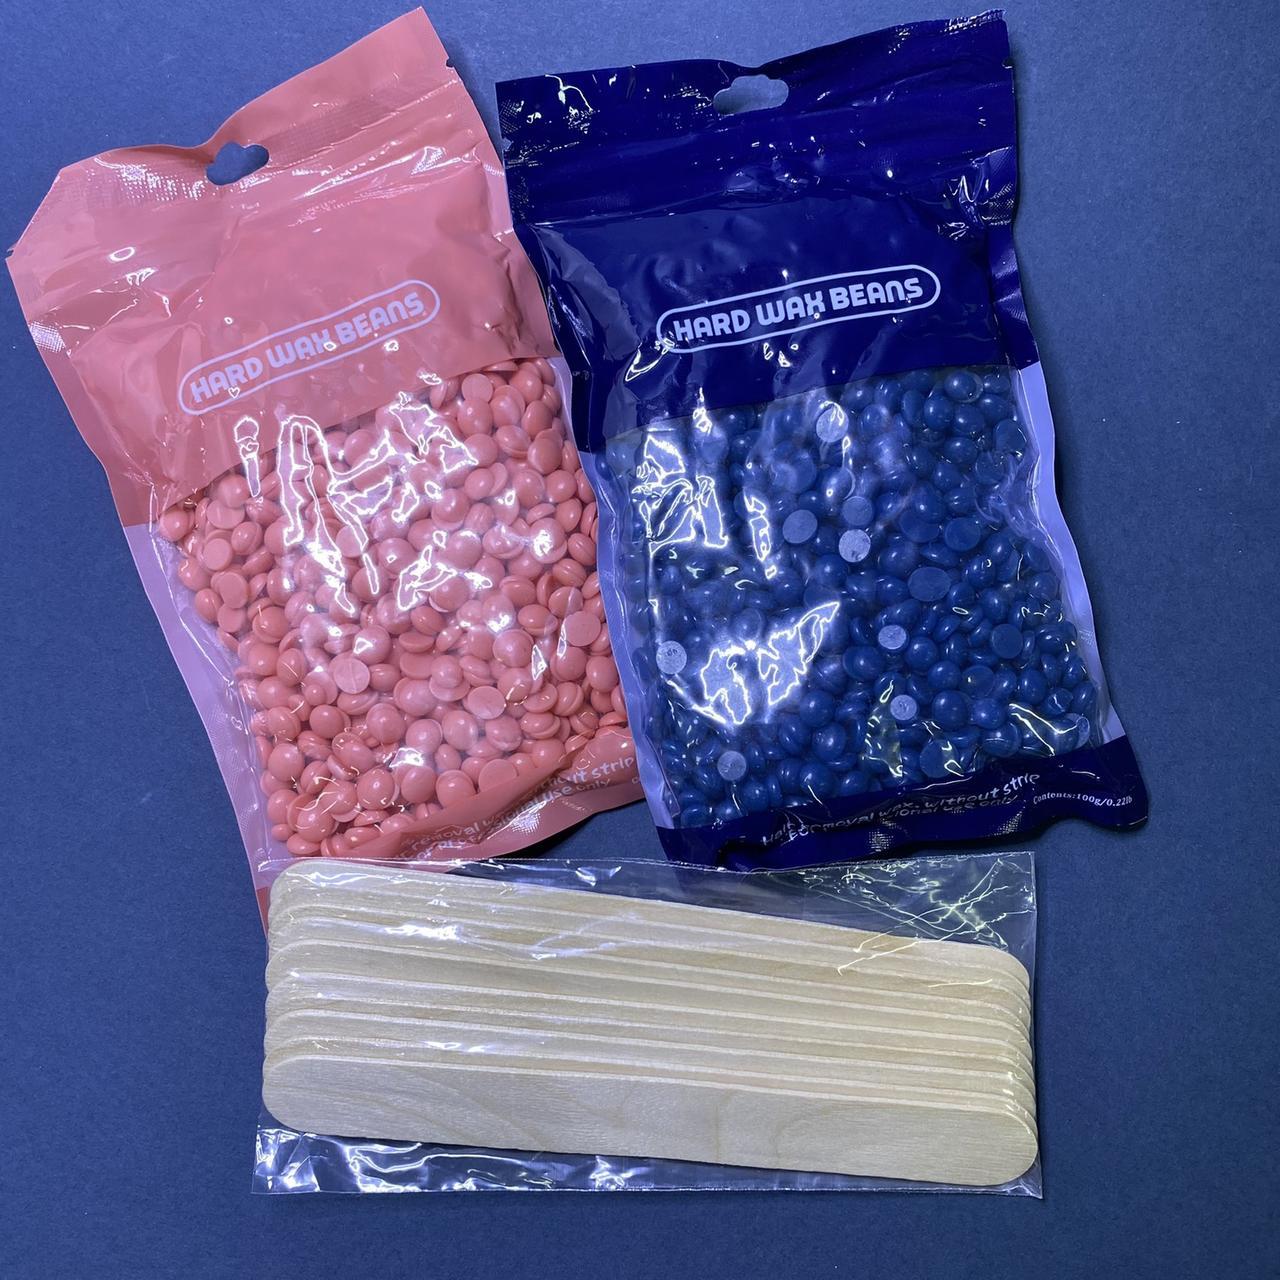 Набор для депиляции воск гранулы 2шт по 100гр +  шпатели деревянные 10 шт